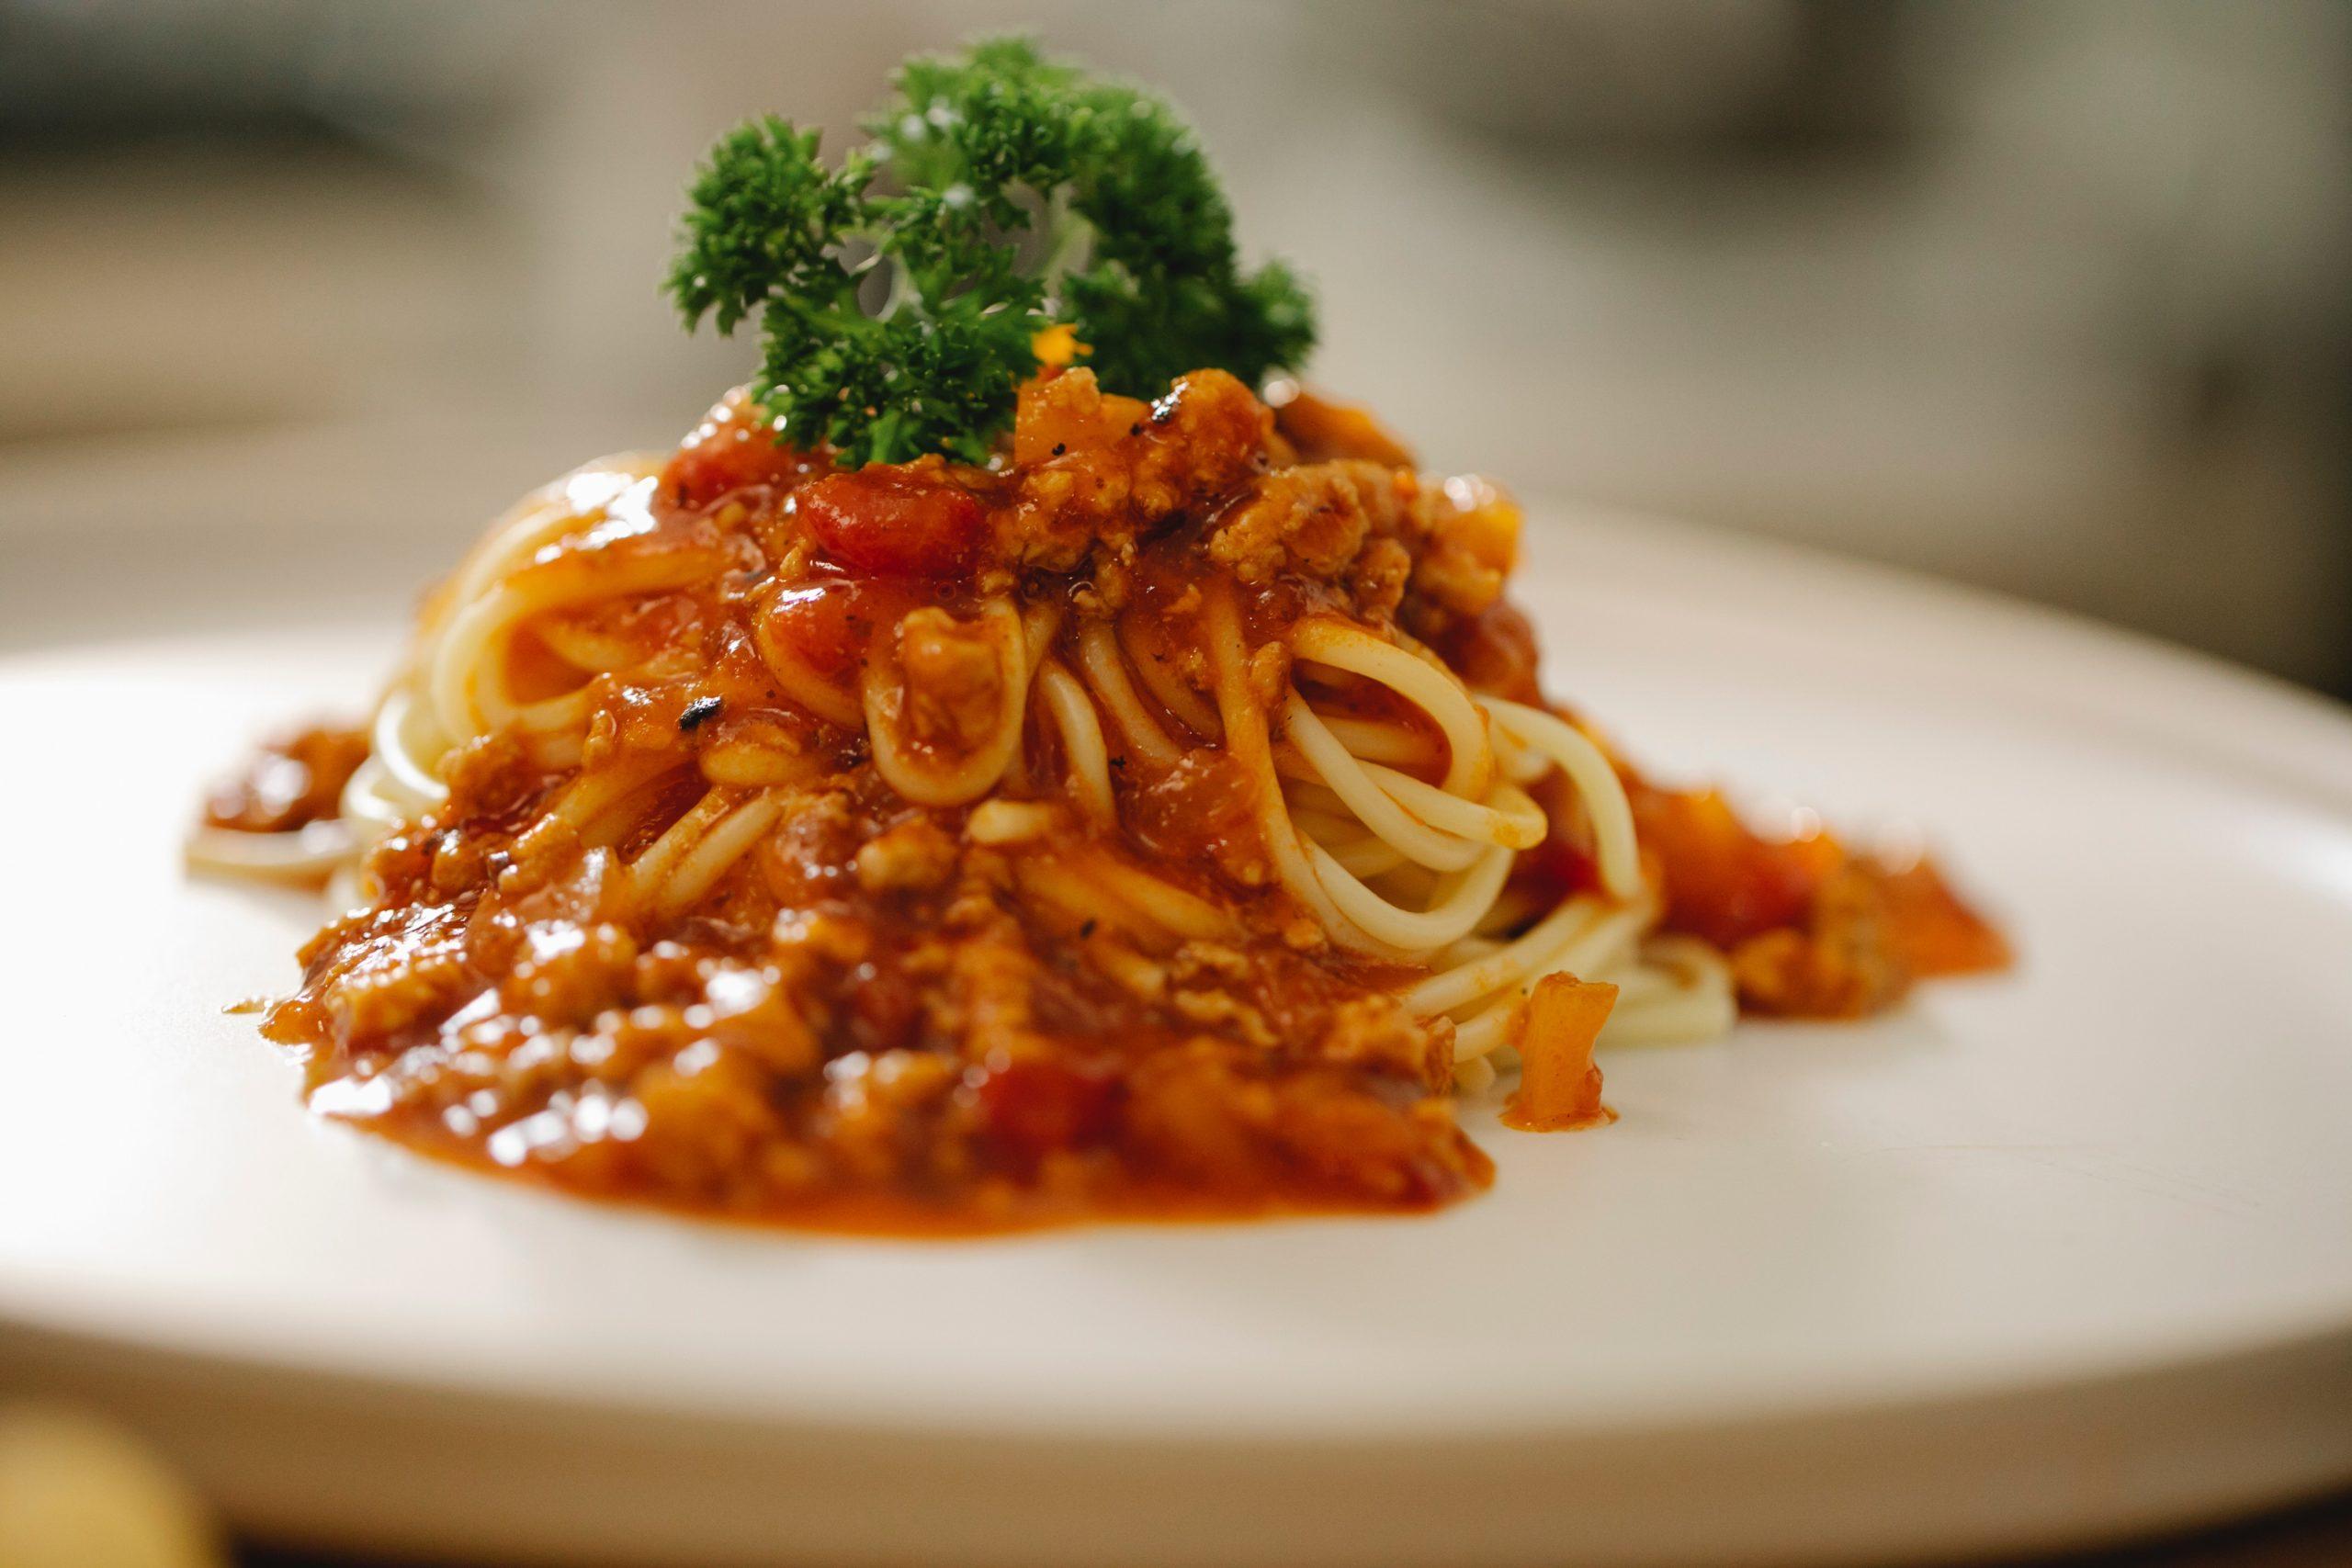 A contrario, prenons le temps de manger et de savourer nos repas pour en ressentir pleinement le goût